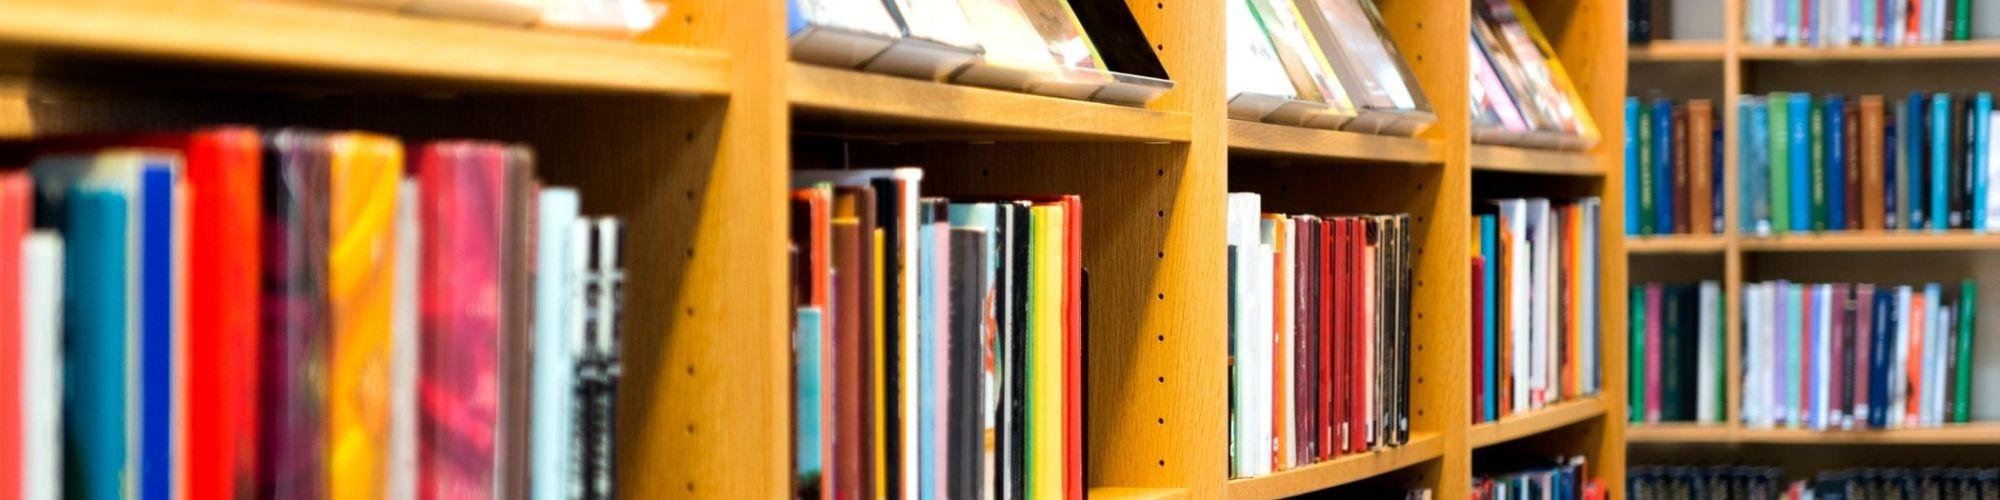 Library summer reading program